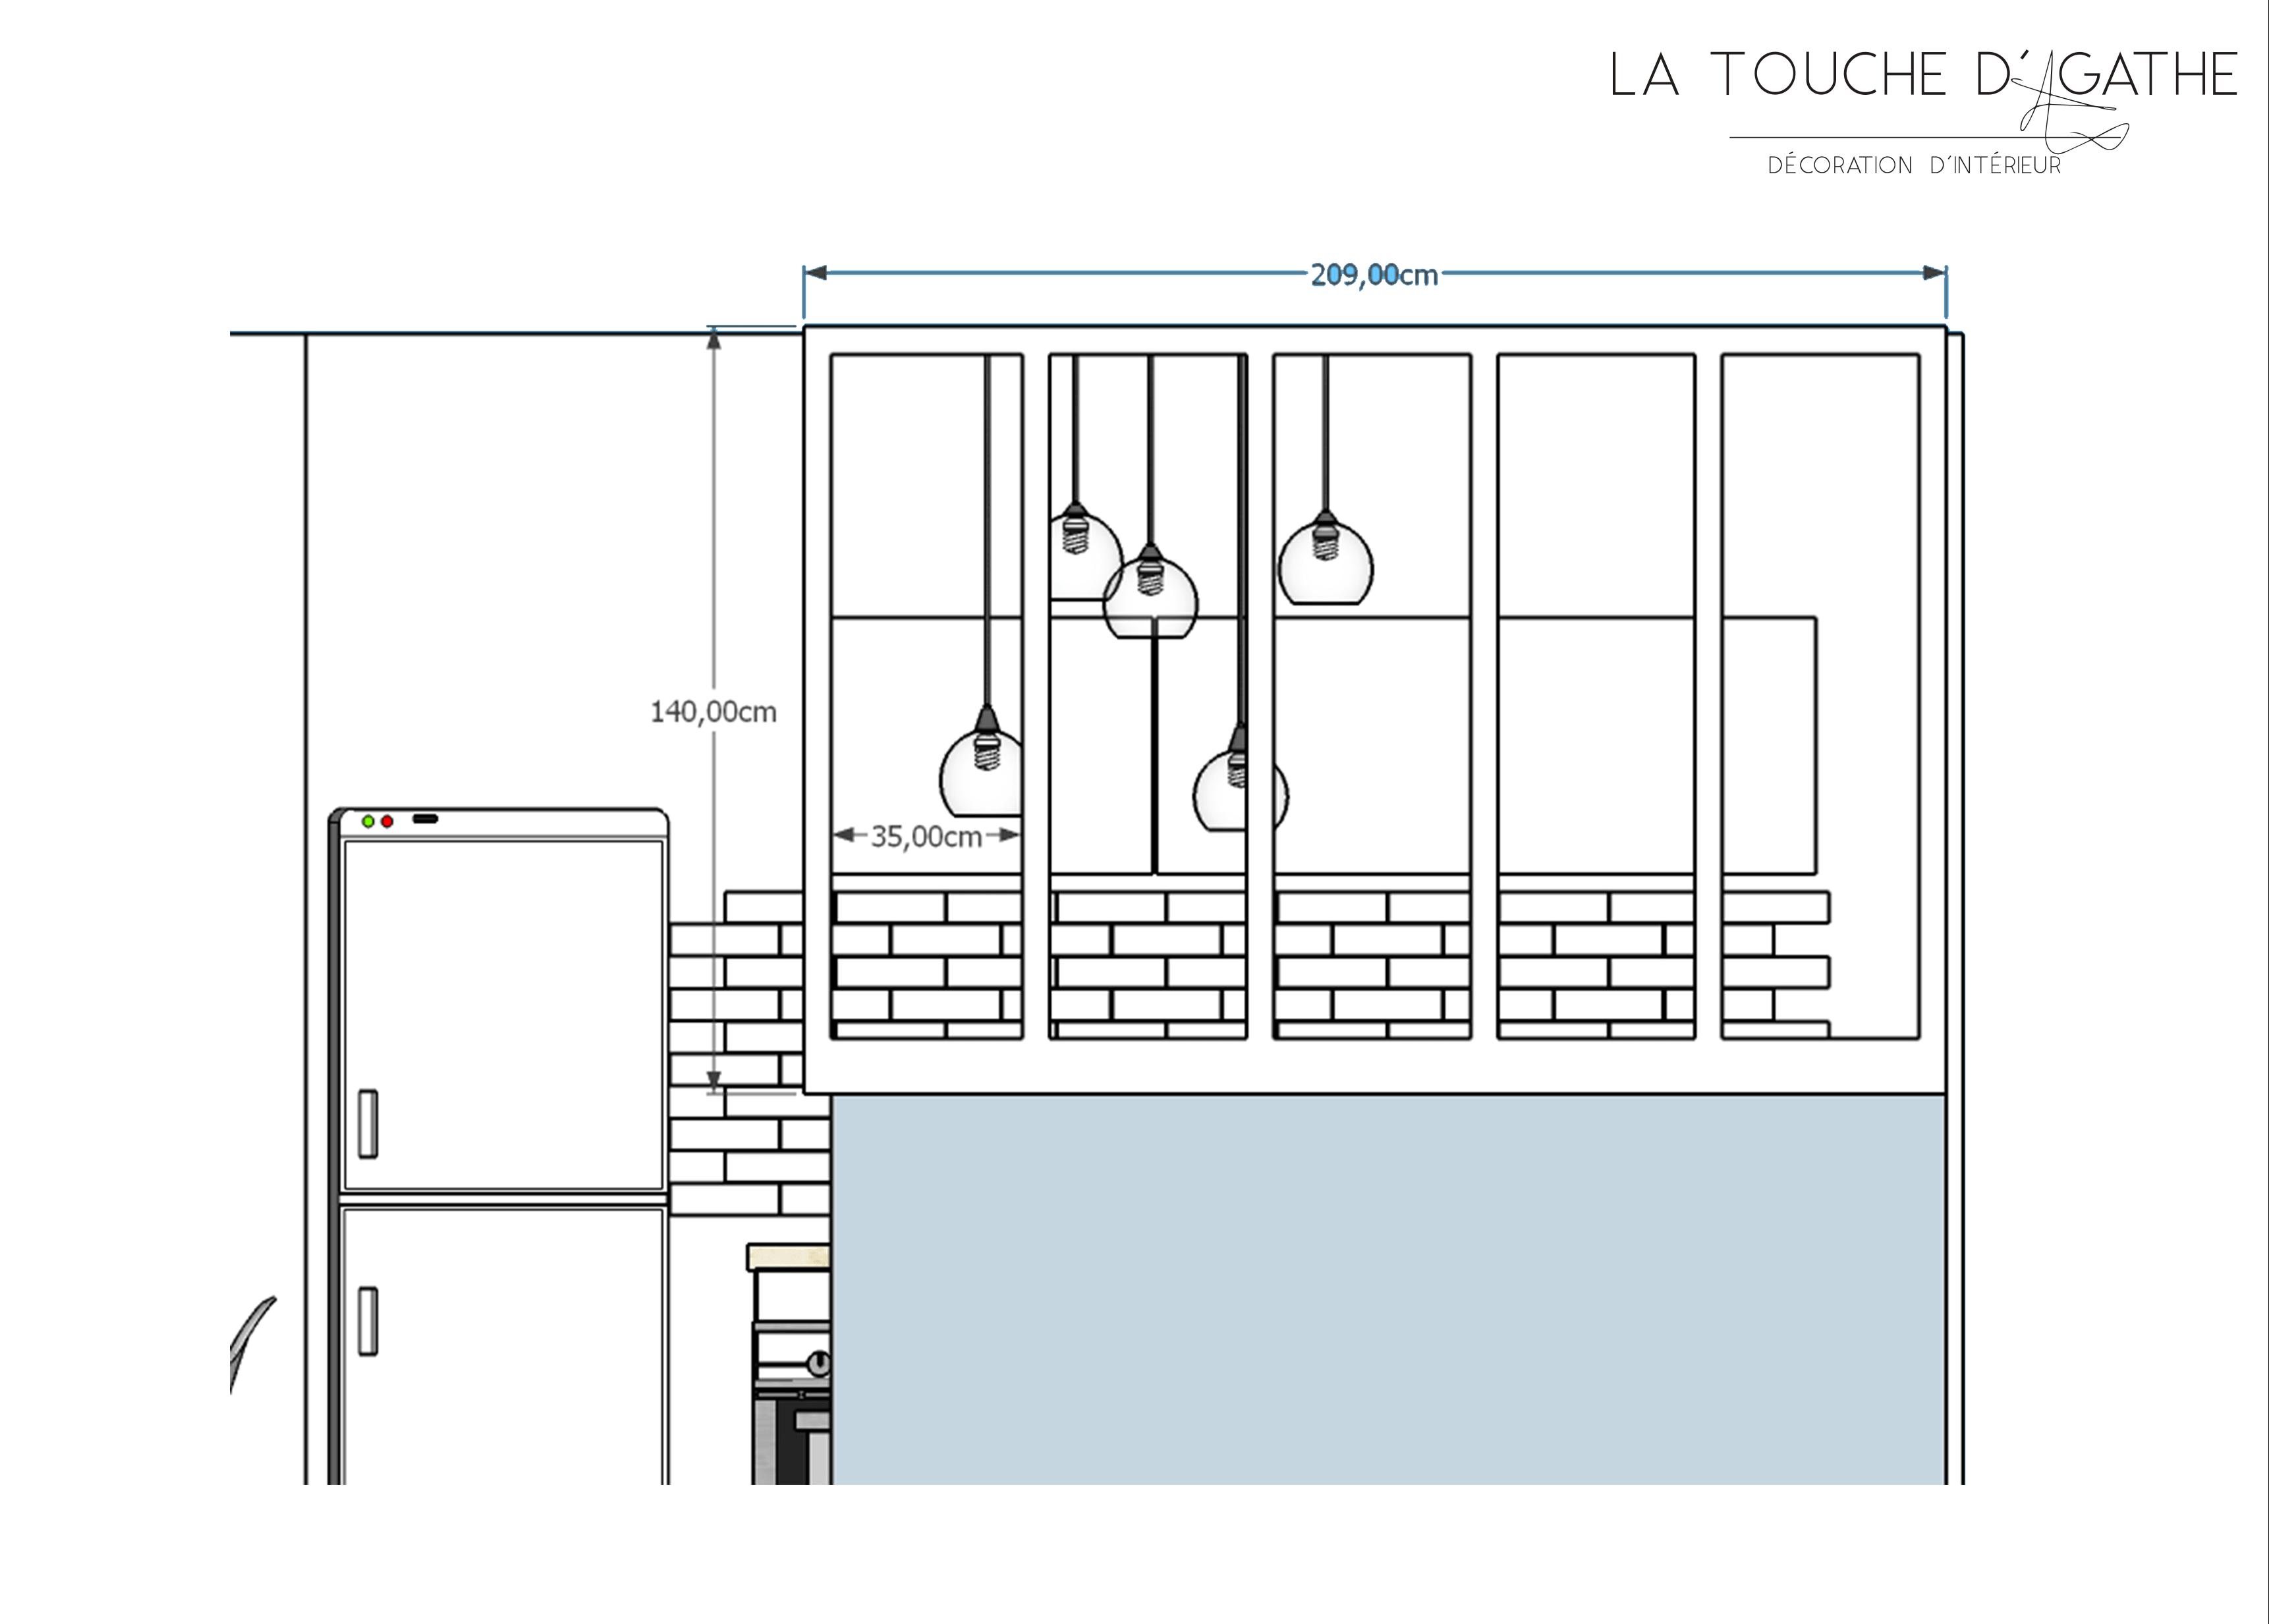 architecte dintrieur niort architecte interieur monaco loft s a lyon en rhane architecte. Black Bedroom Furniture Sets. Home Design Ideas